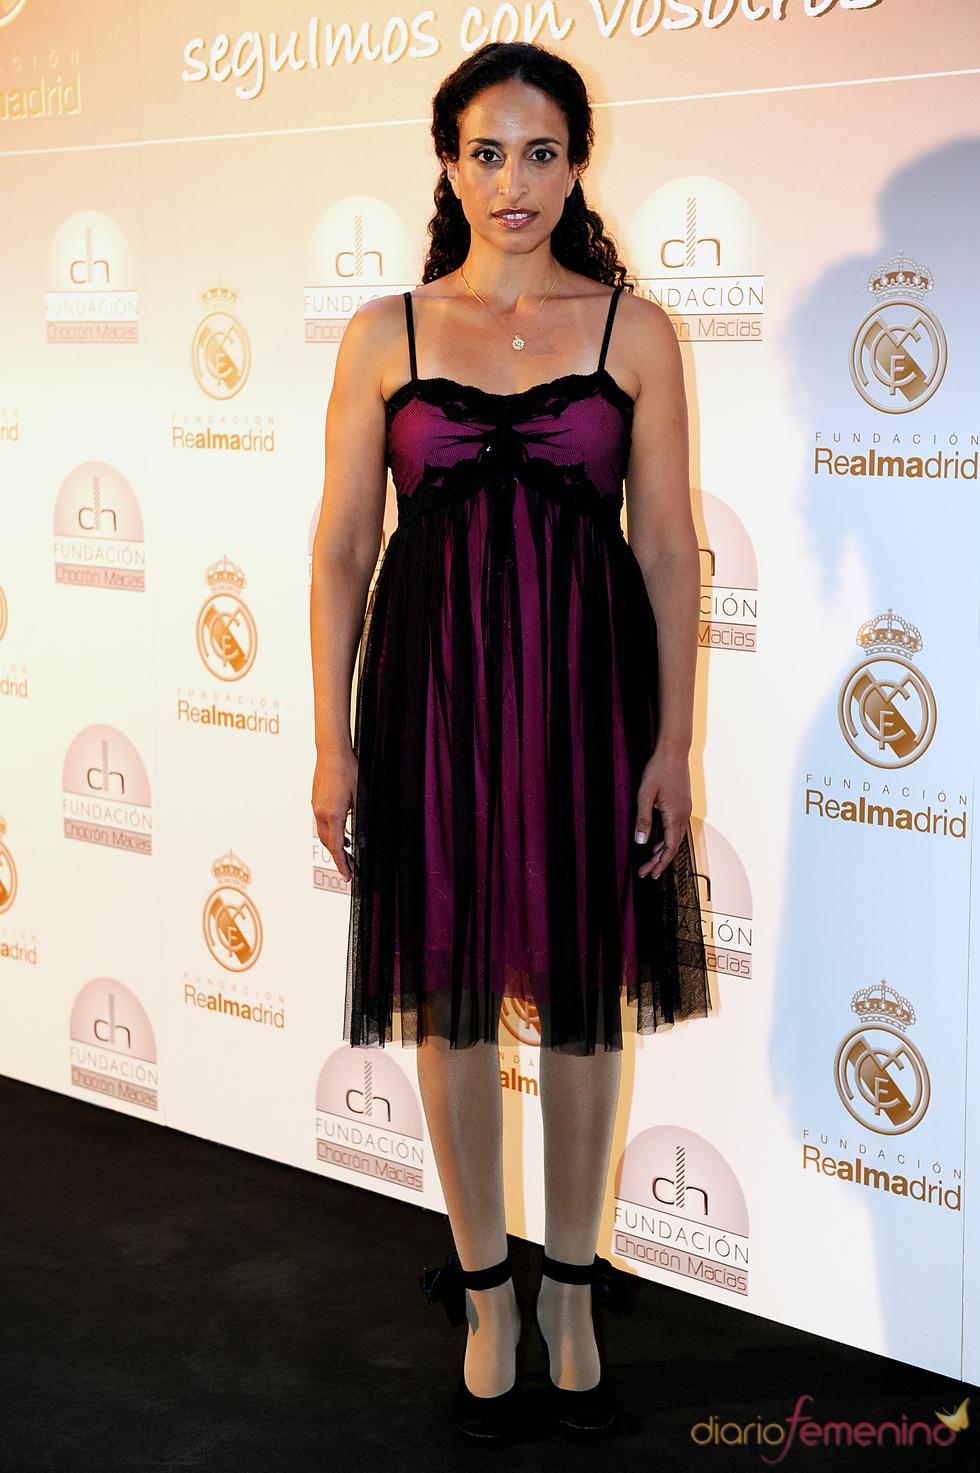 La cantante Noa durante una cena benéfica celebrada en el Bernabéu